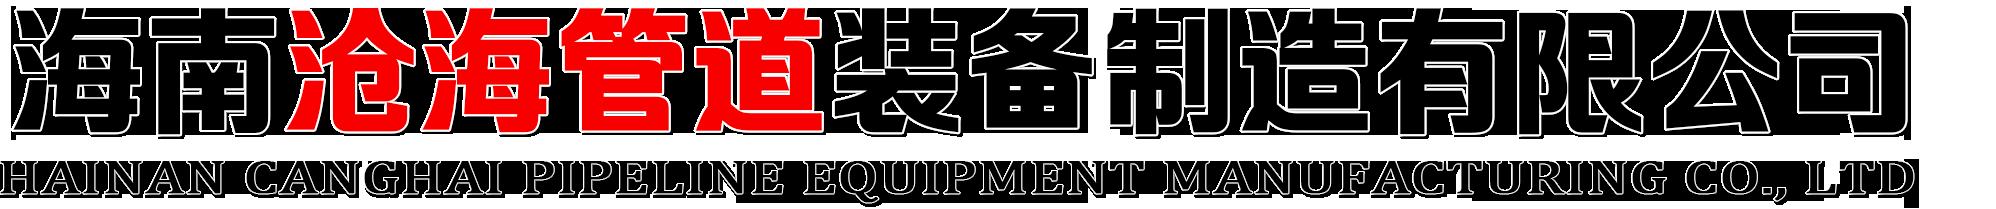 海南沧海管道装备制造有限公司-